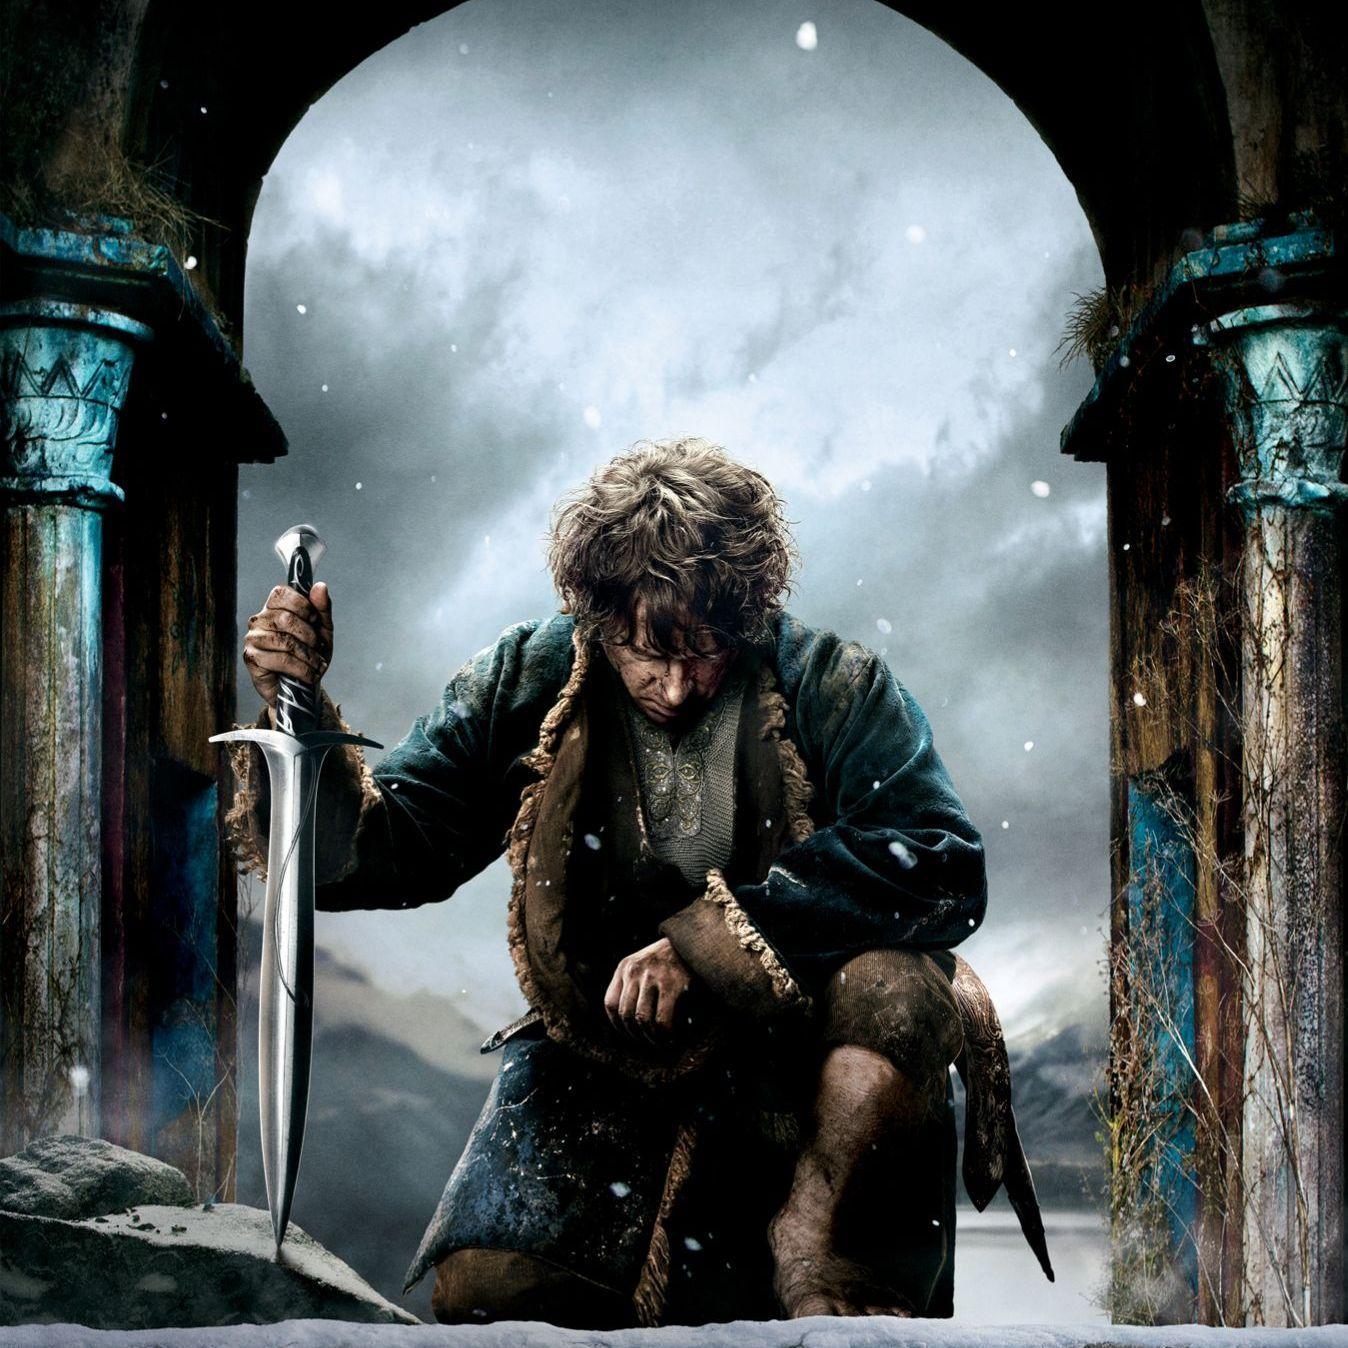 Primer Tráiler De El Hobbit La Batalla De Los Cinco Ejércitos Y Nuevo Poster Hobbit El Hobbit Libro Peliculas